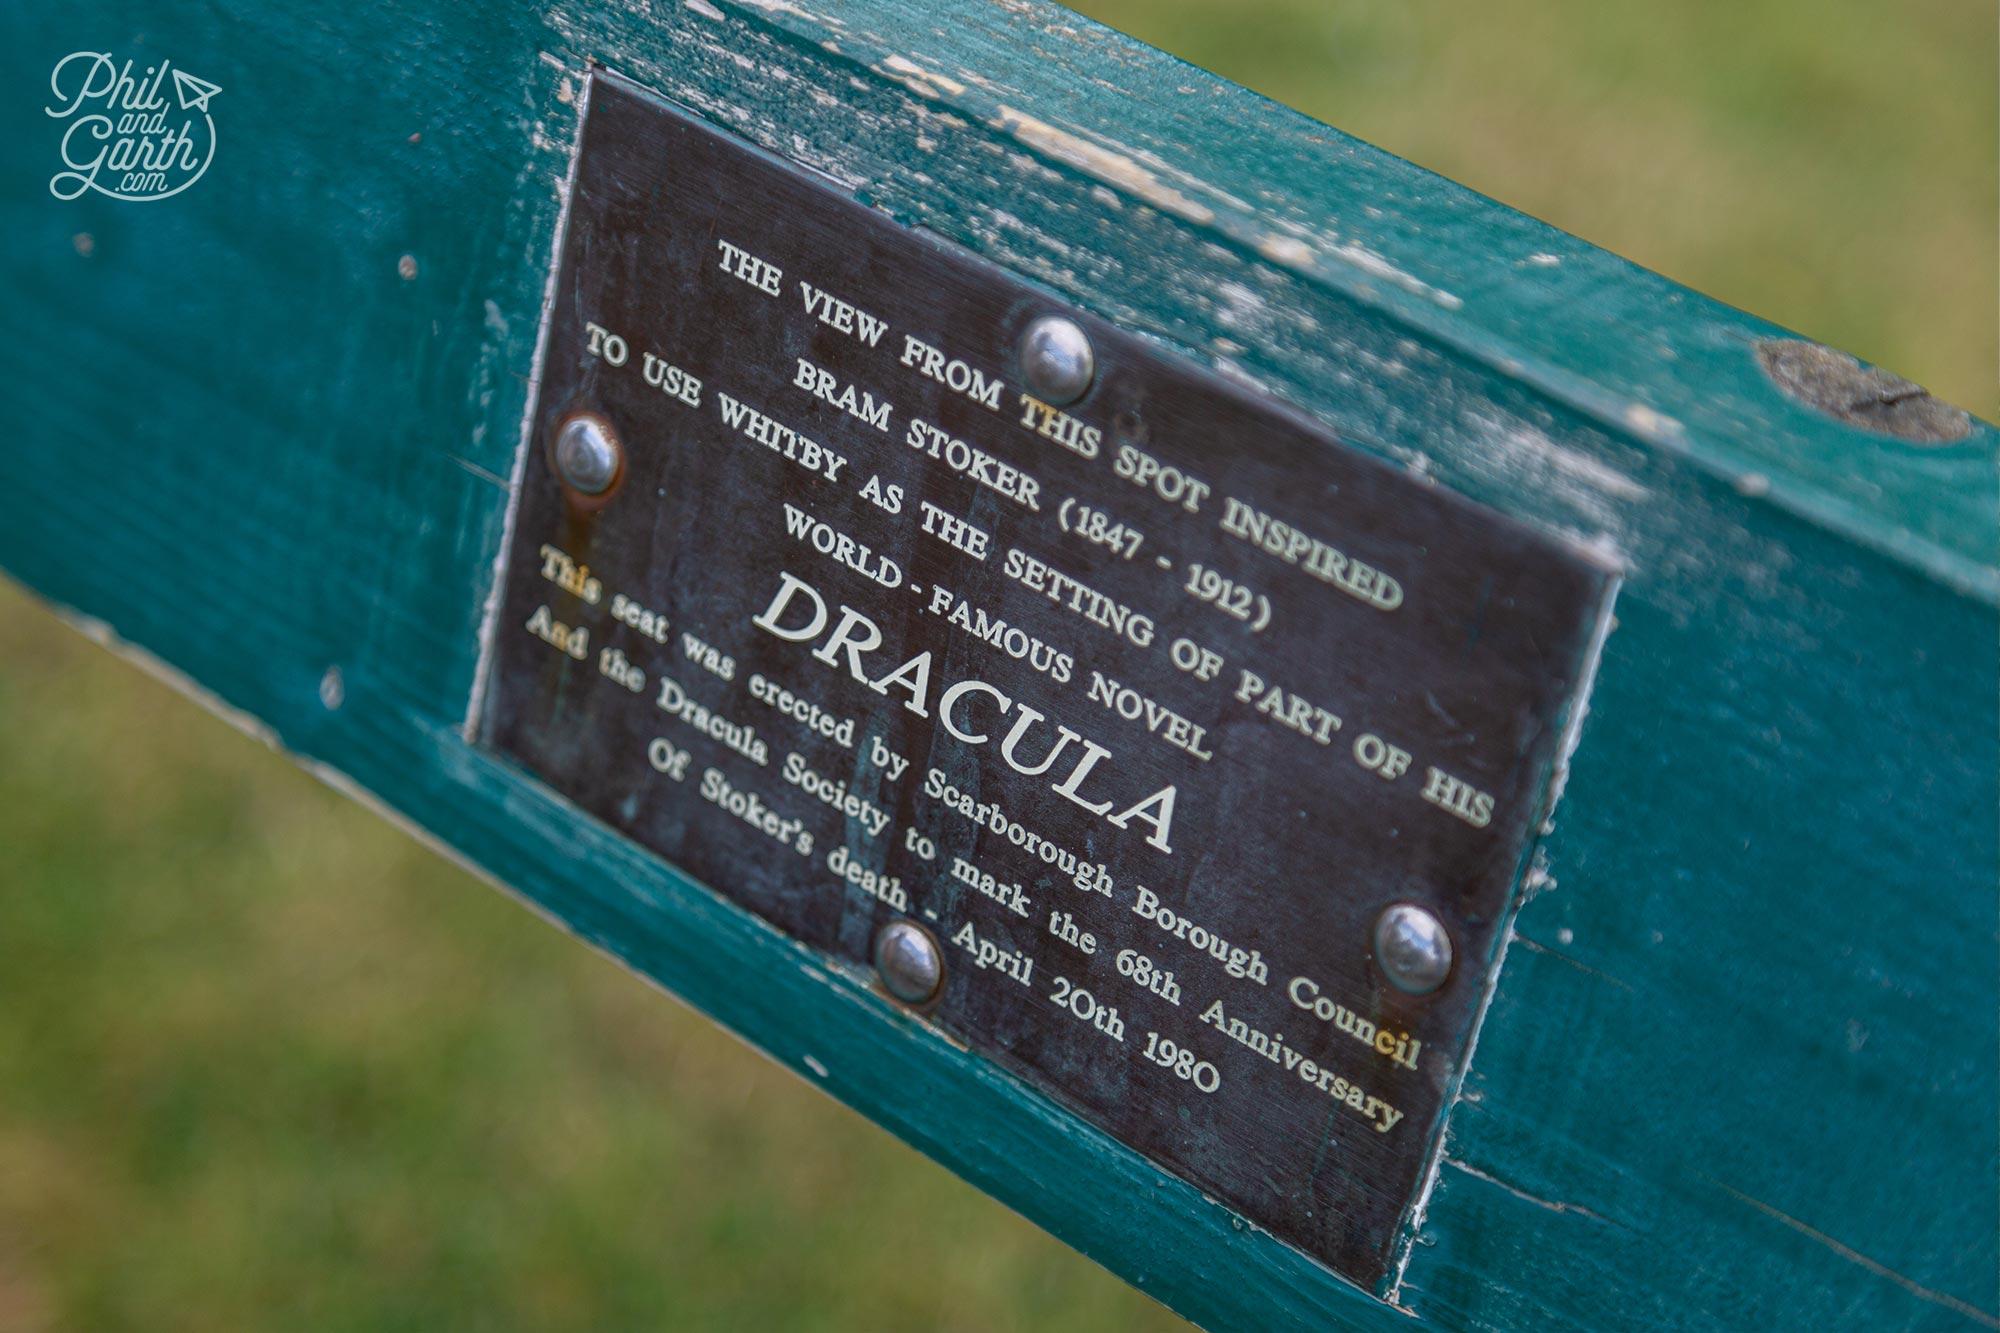 Detail of the Bram Stoker memorial bench.